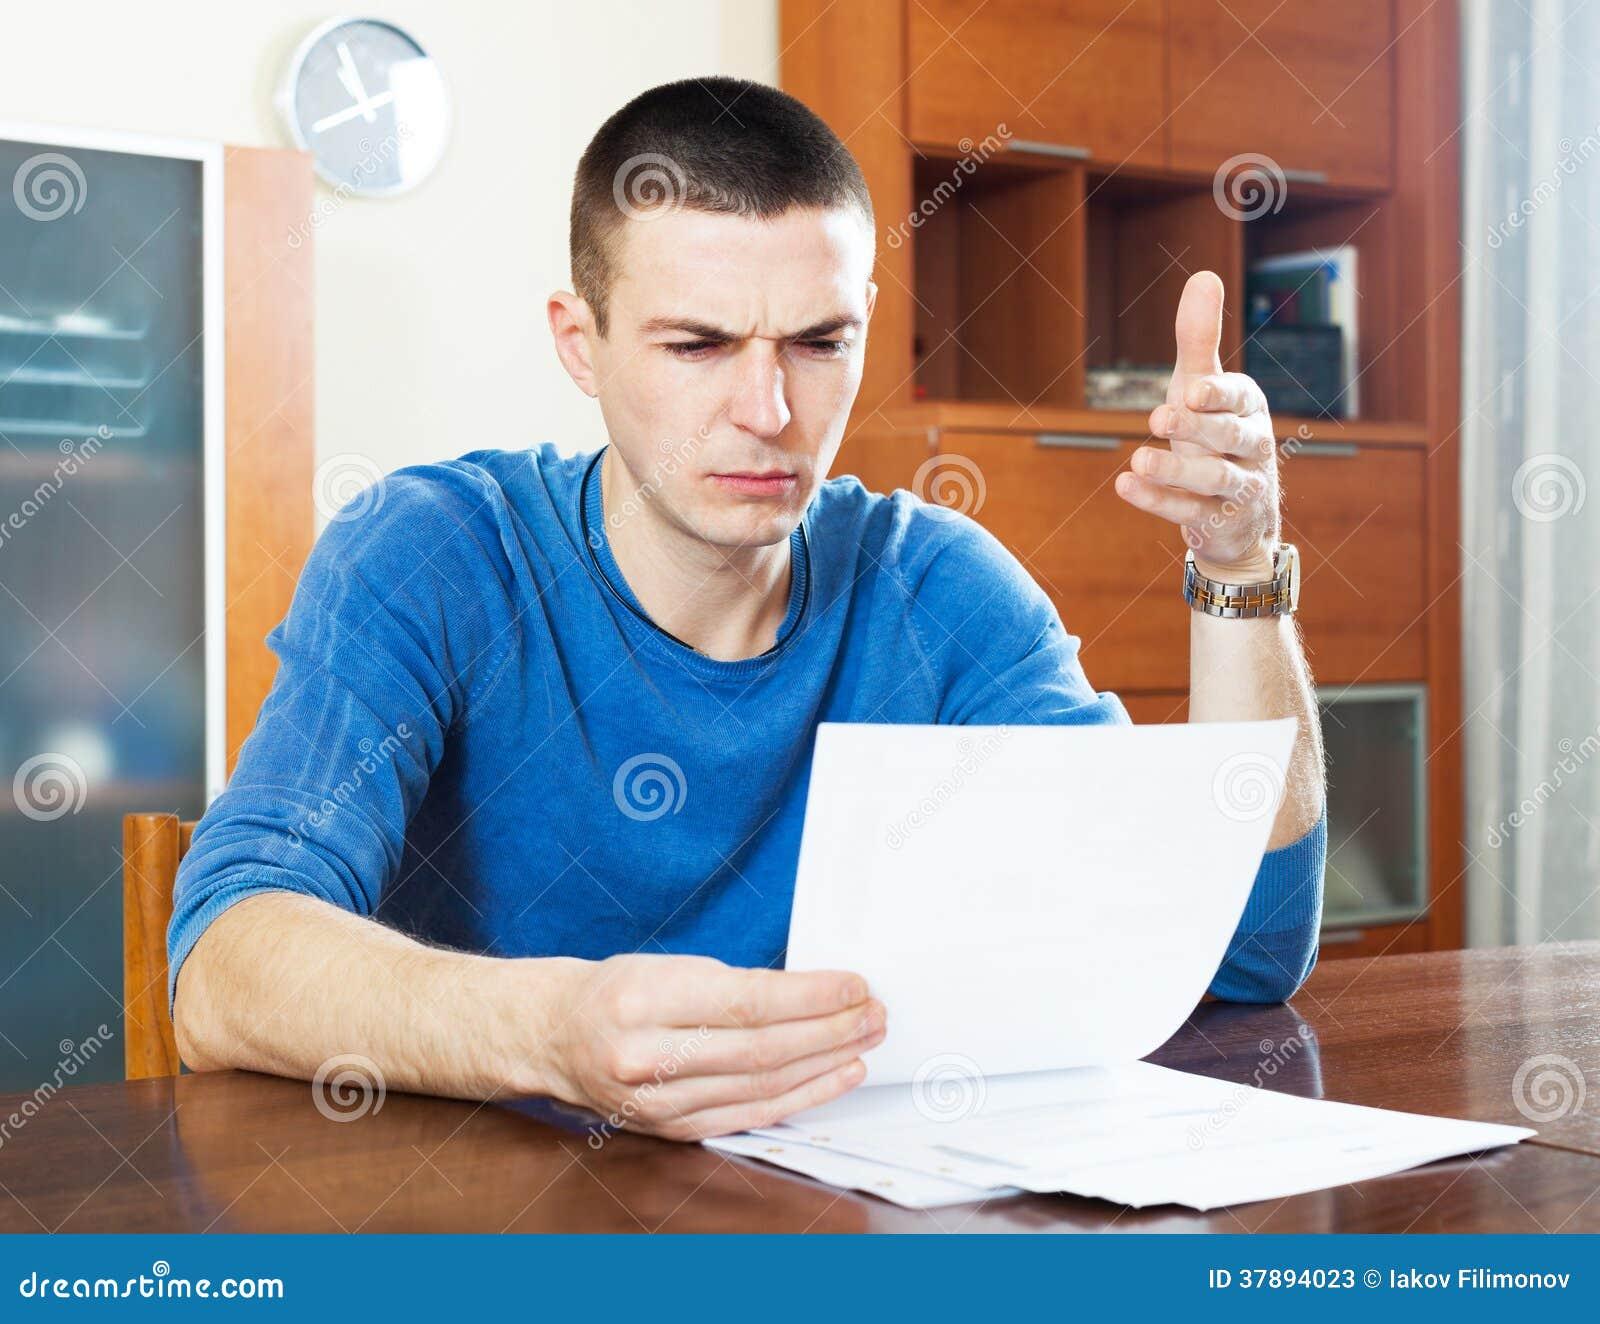 Λυπημένο ματαιωμένο άτομο που εξετάζει το κομμάτι χαρτί